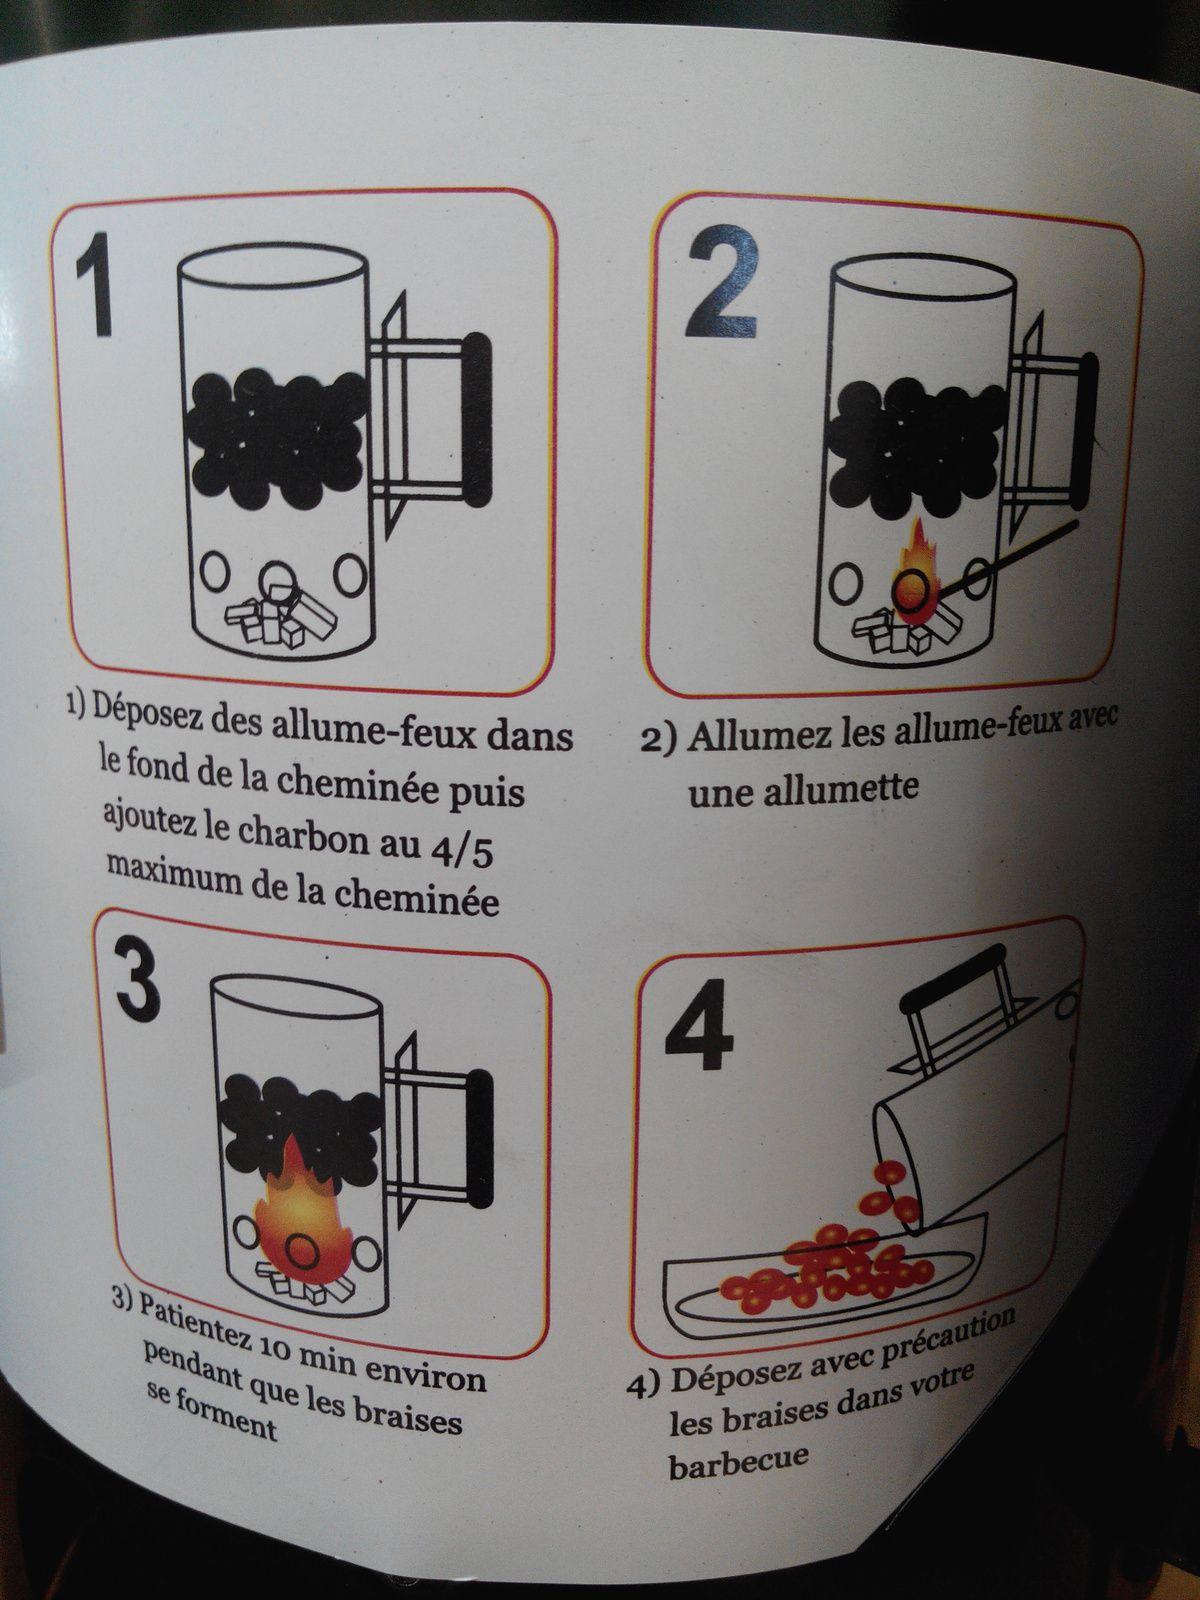 Chemin e d 39 allumage charbon - Cheminee d allumage ...